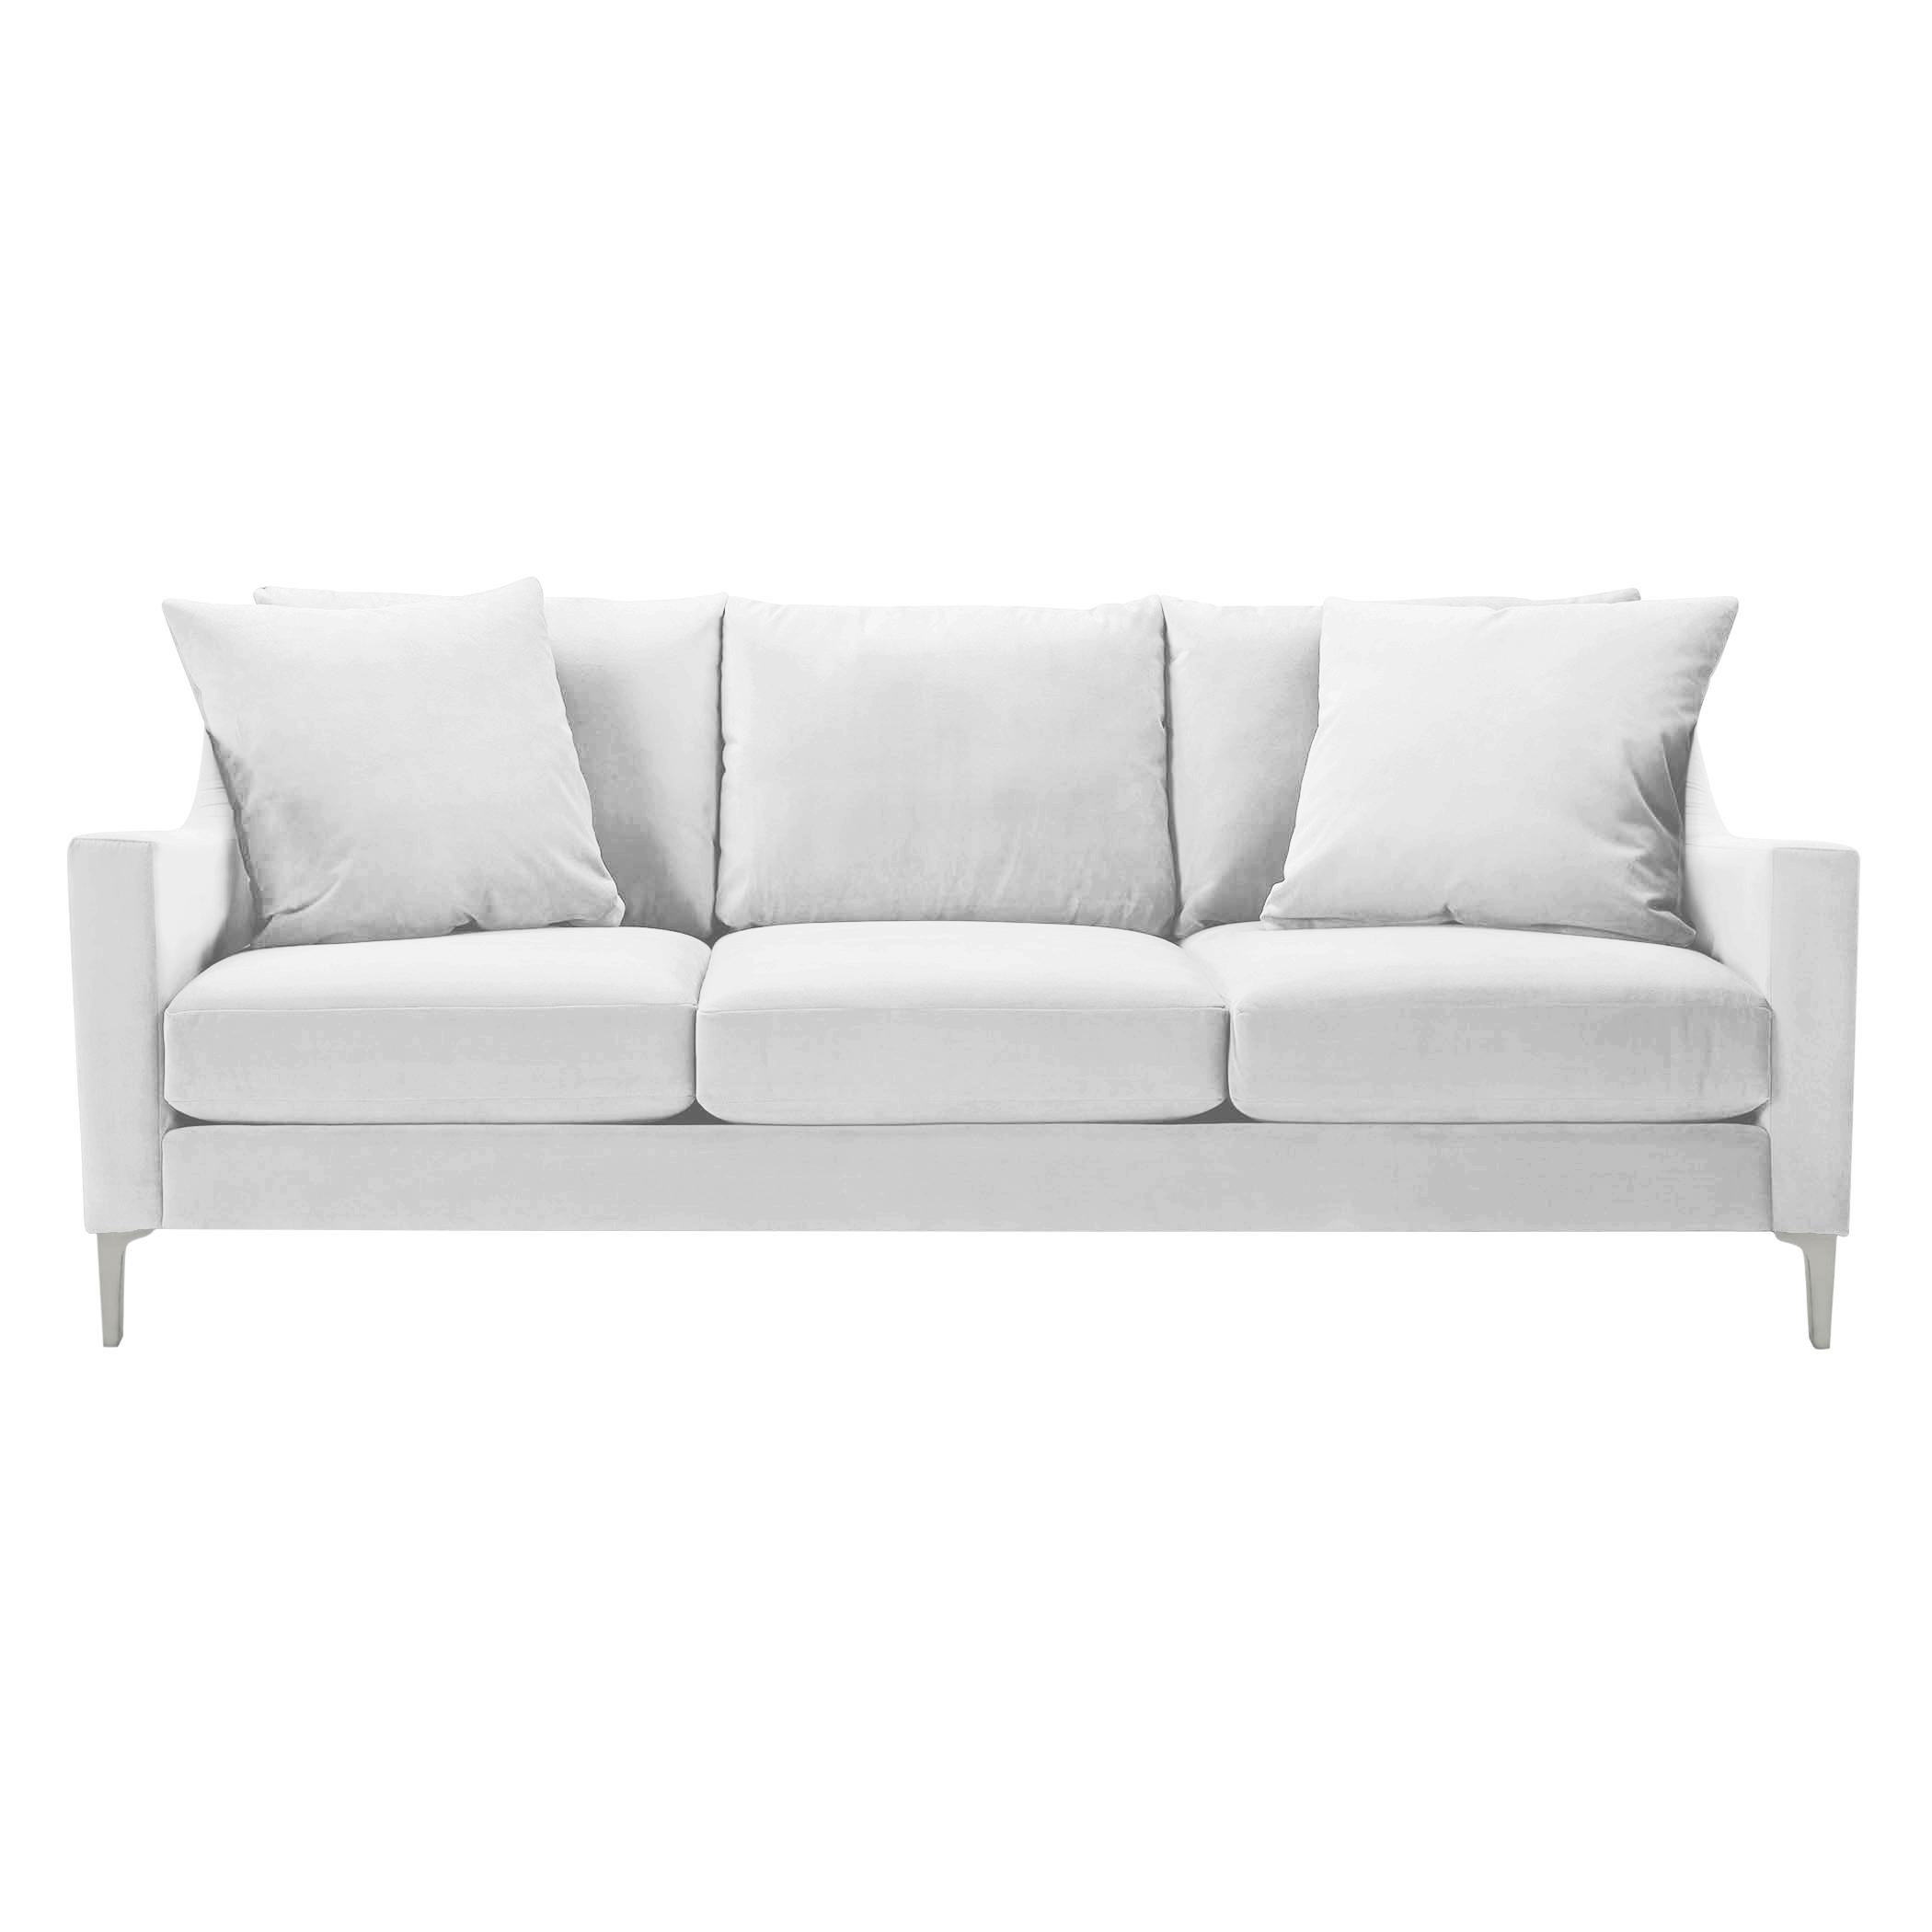 Details Slope Arm Sofa